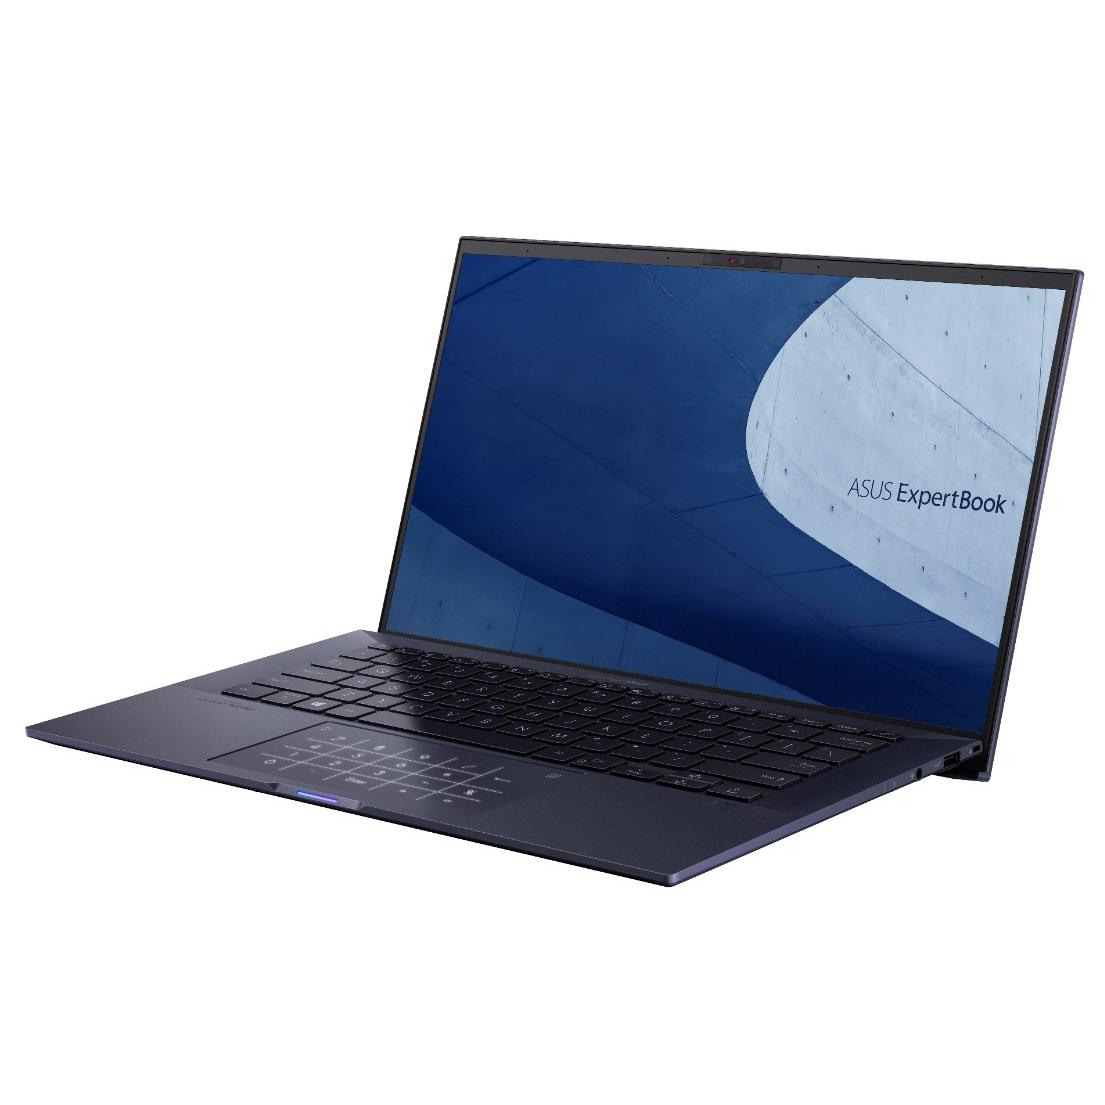 에이수스 ExpertBook 노트북 그레이 B9450FA-BM0426T (i5-10210U 35.56cm WIN10 Home RAM 8GB NVMe 512GB), 포함, NVMe 512GB